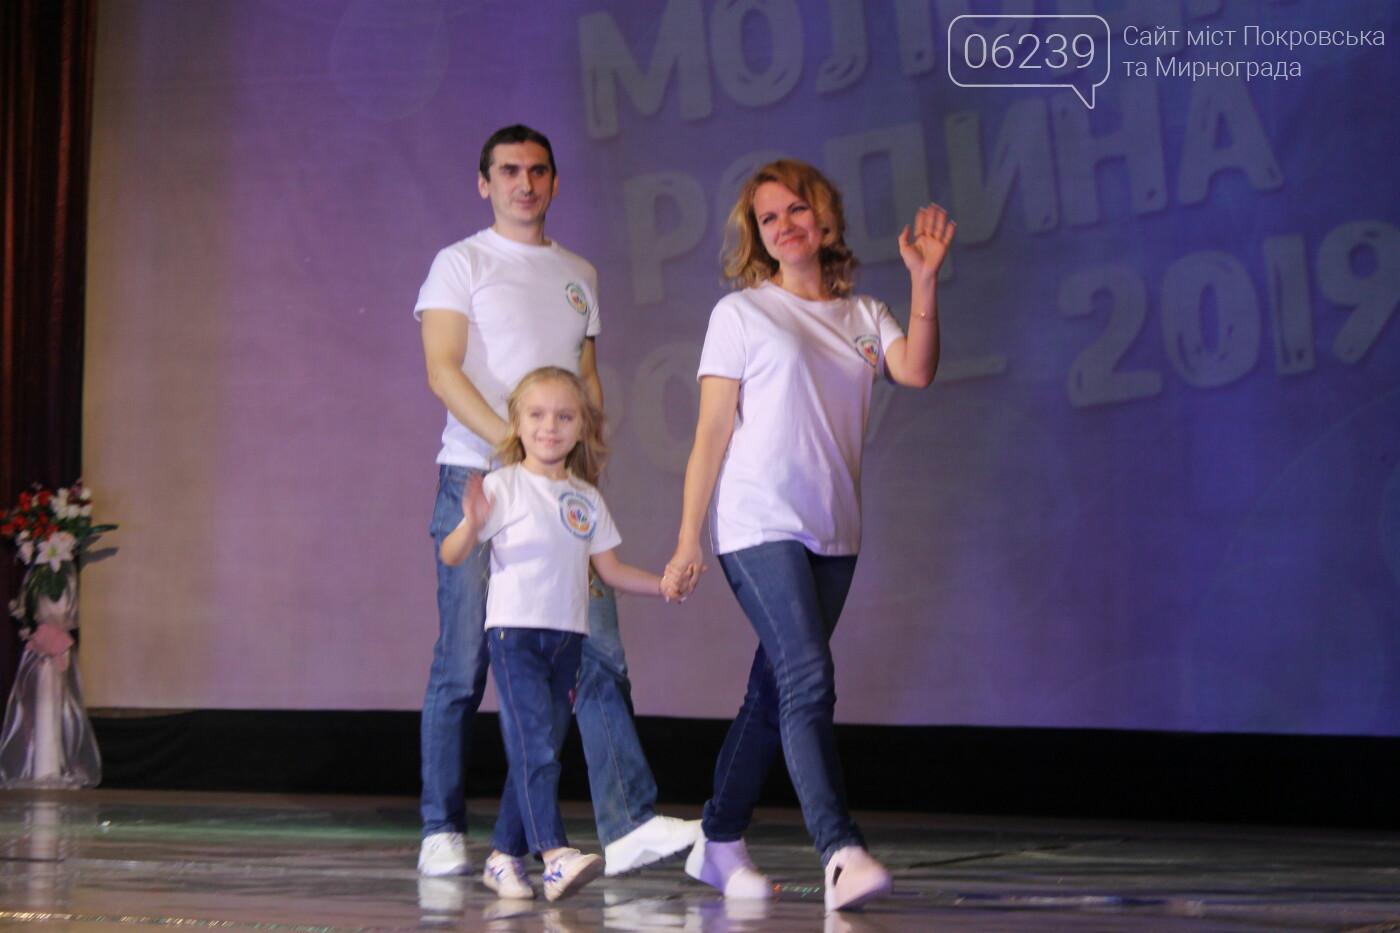 """Лучшей """"Молодой семьей 2019 года"""" объявлена чета Балмаевых из Мирнограда, фото-2"""